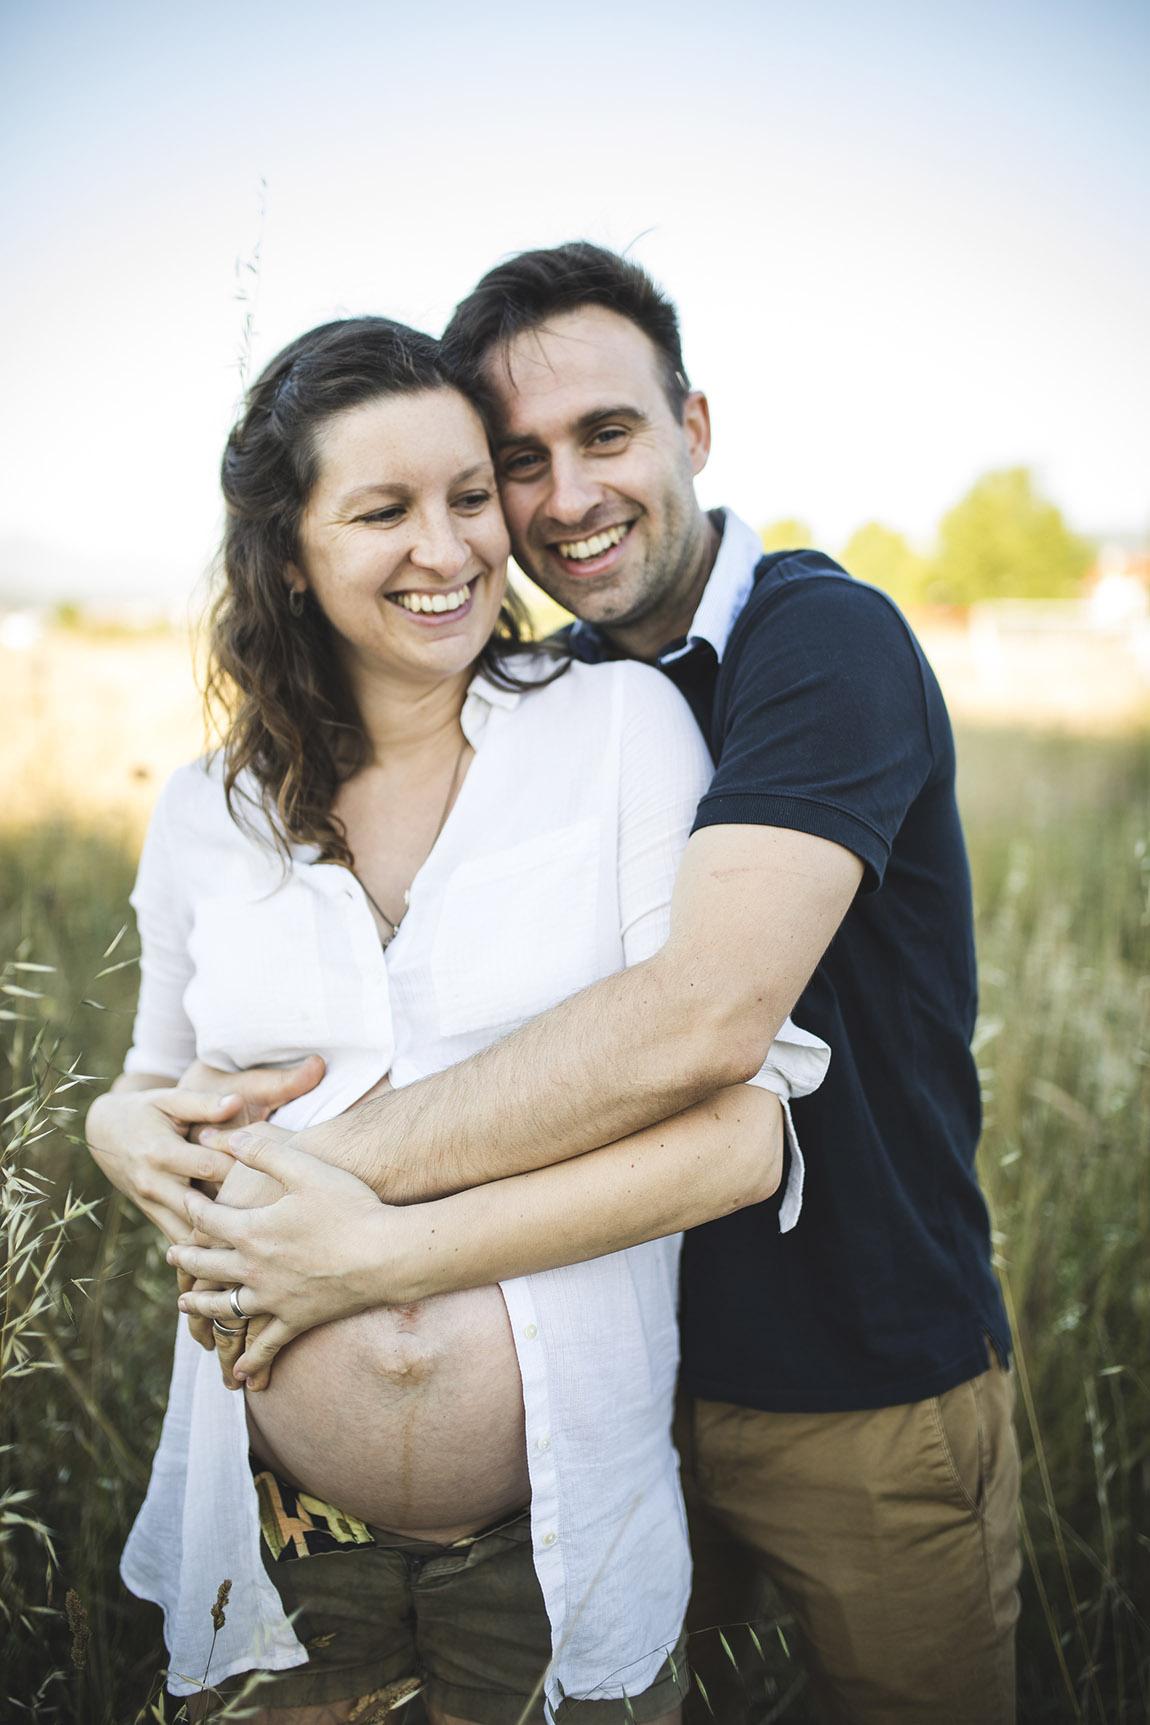 fotografía de embarazo y bebé